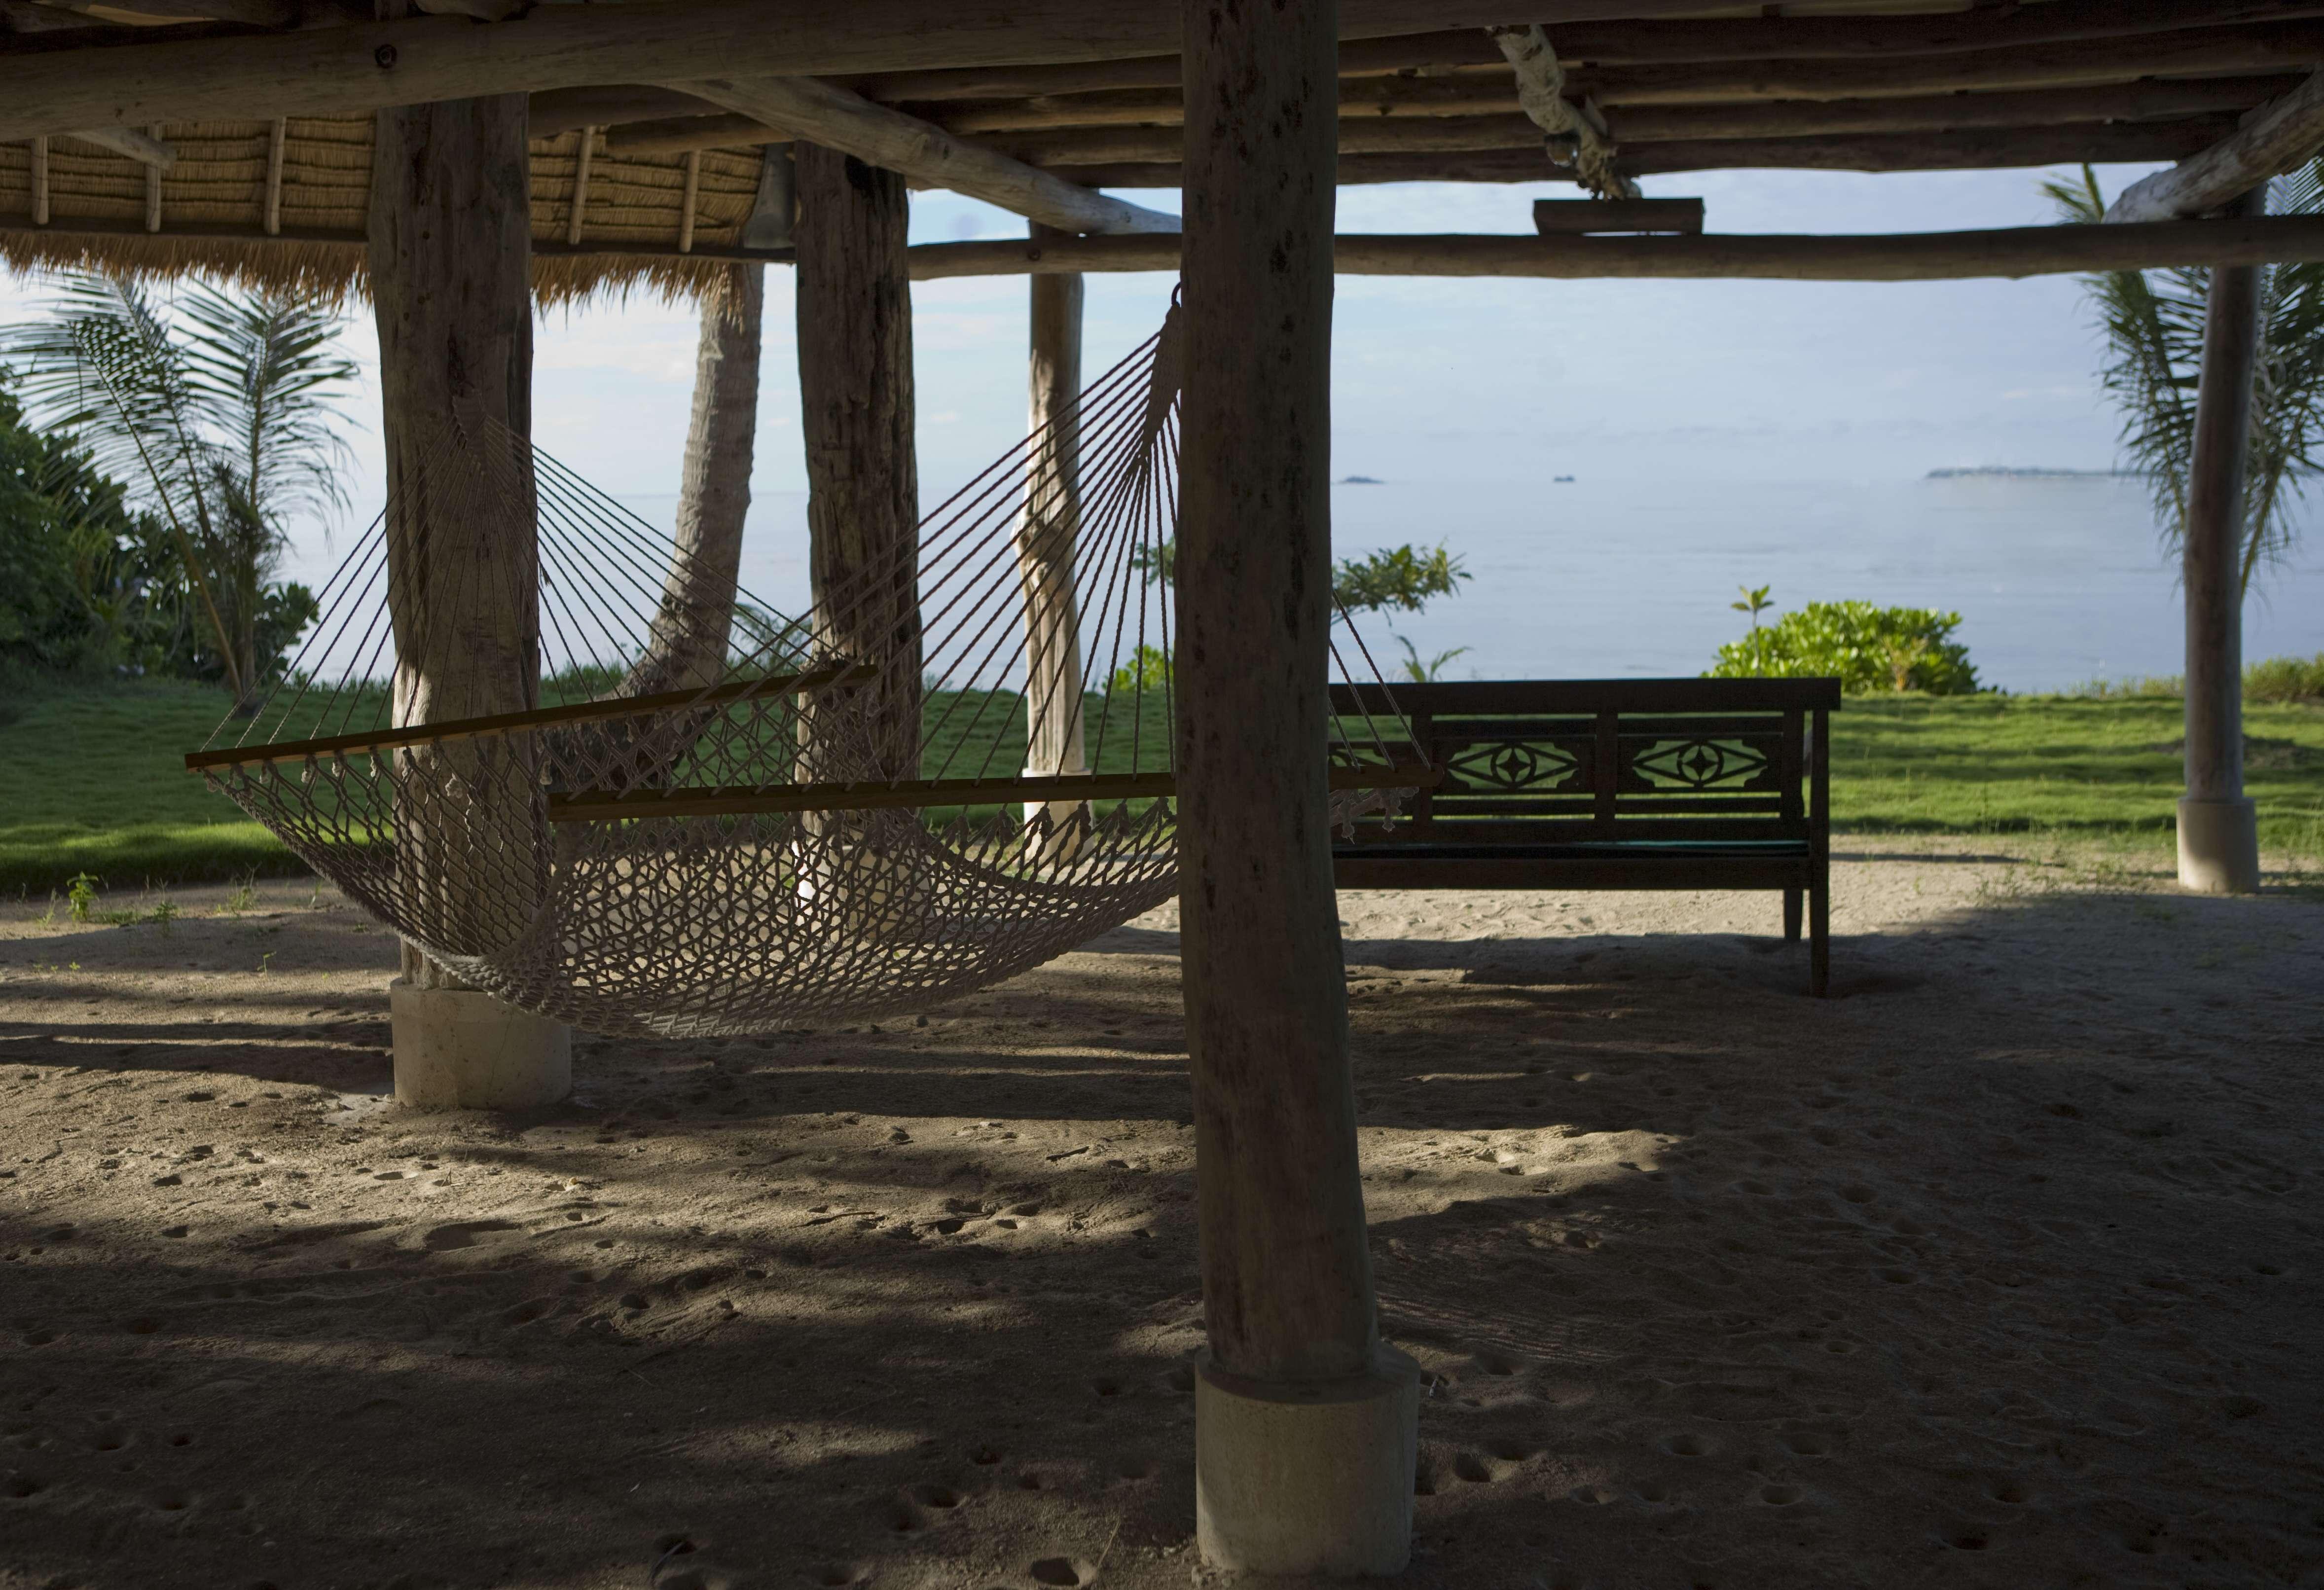 D SUKA PROF PHOTOS 7-BEACH HOUSE 2 04-YF2G0141